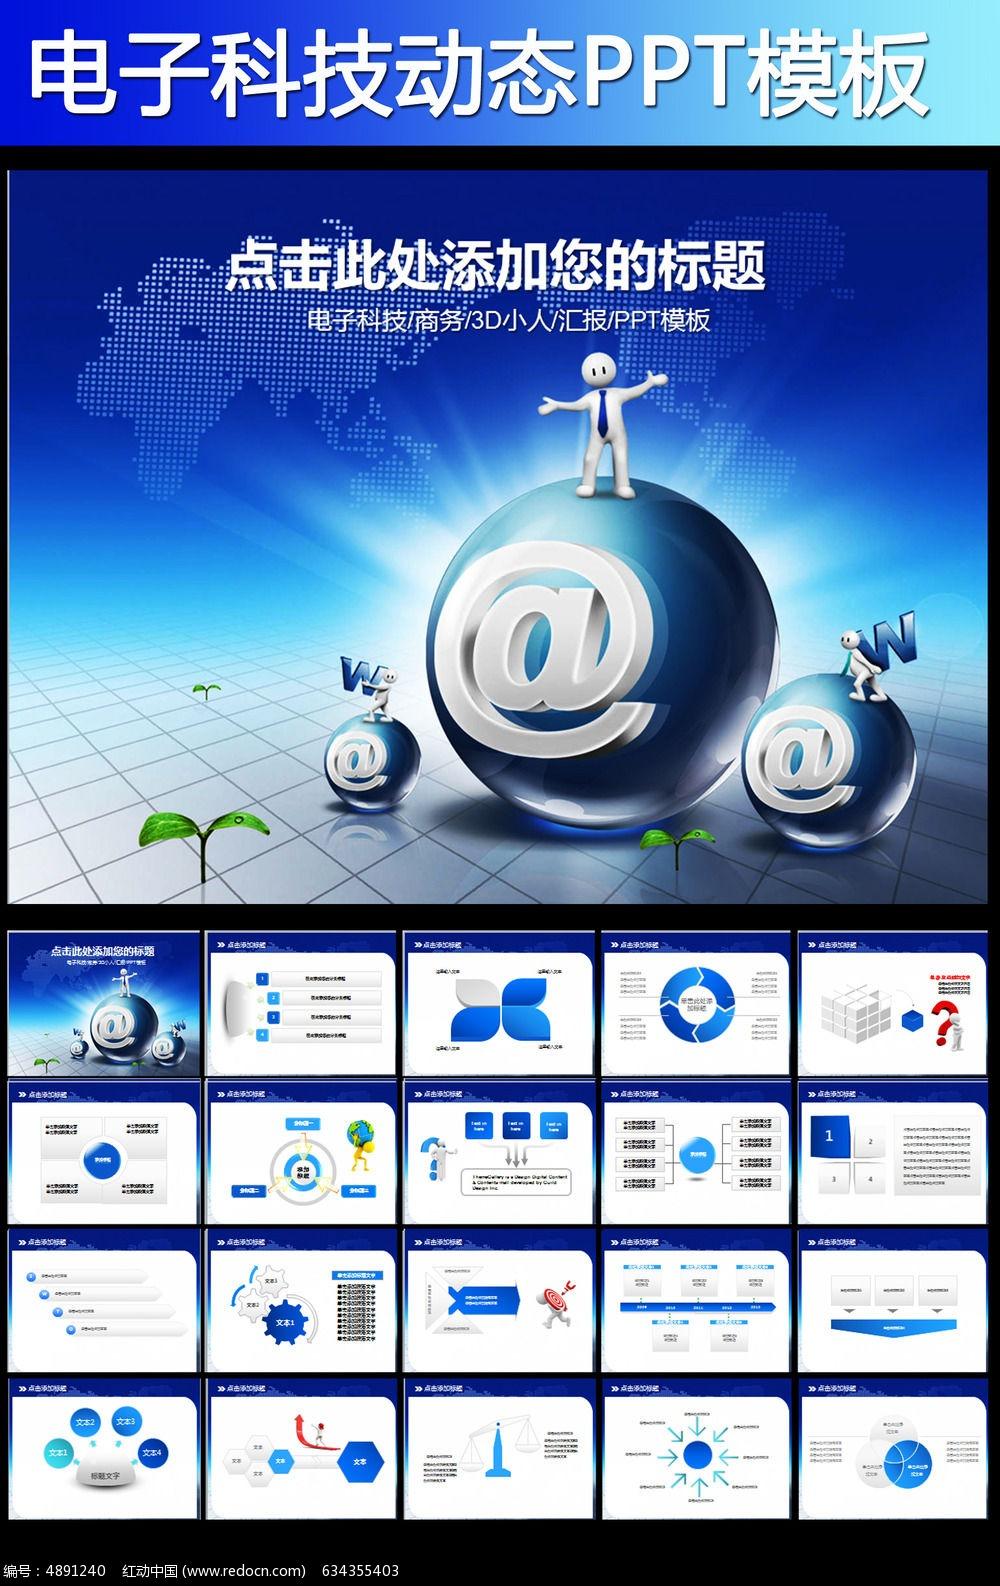 互联网大数据云计算电子商务ppt模板